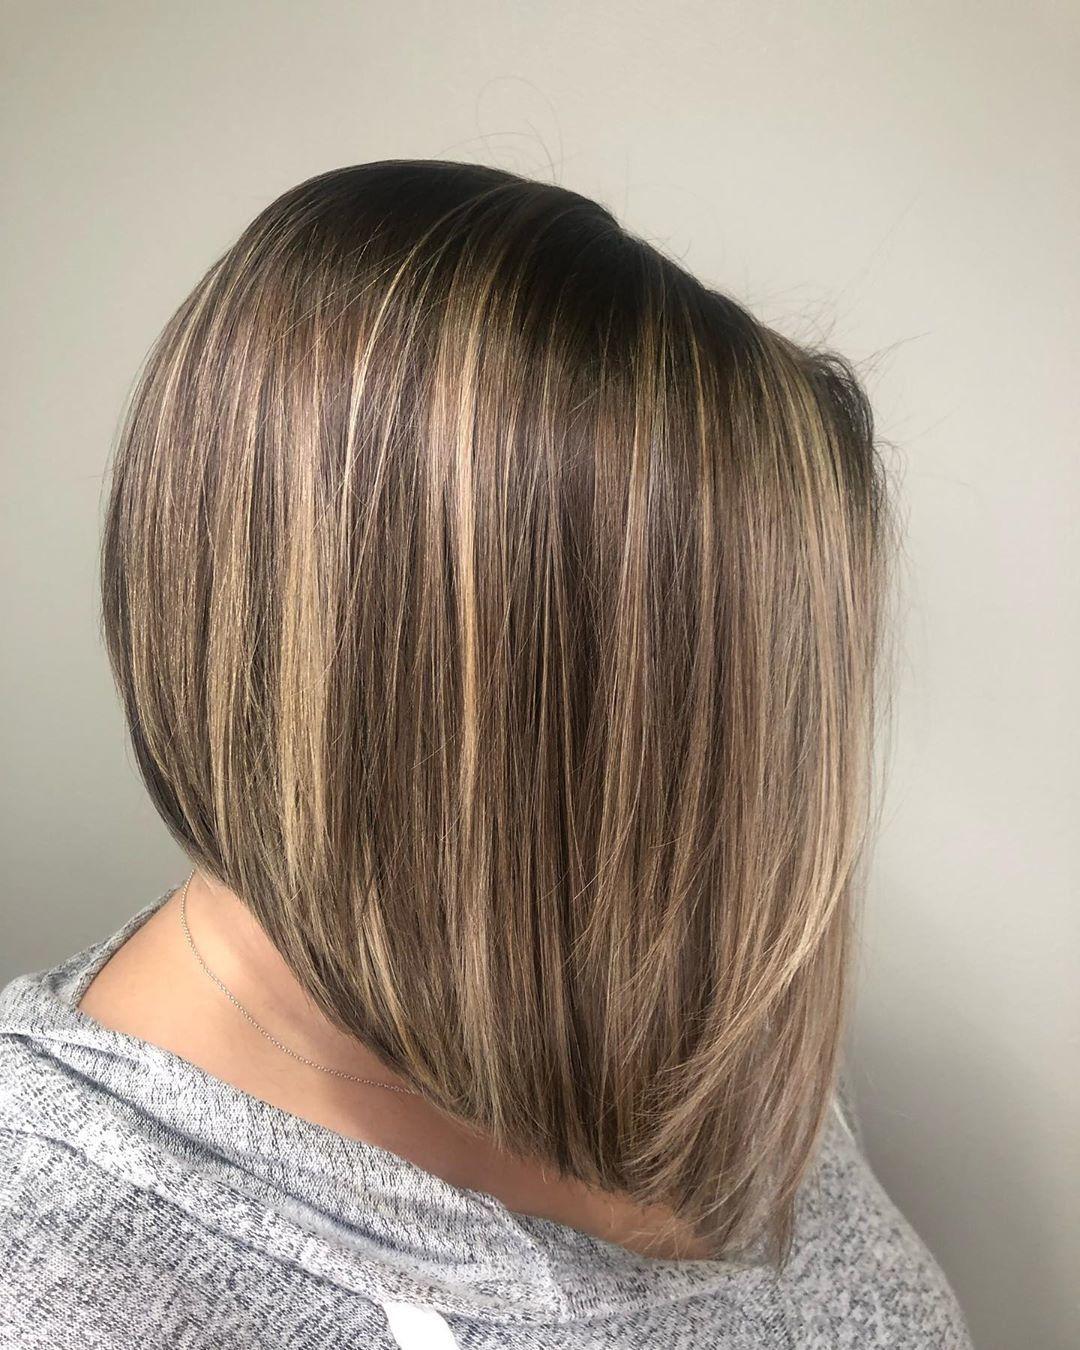 Femme aux cheveux bruns doux et courts, coupés avec du papier aluminium blond